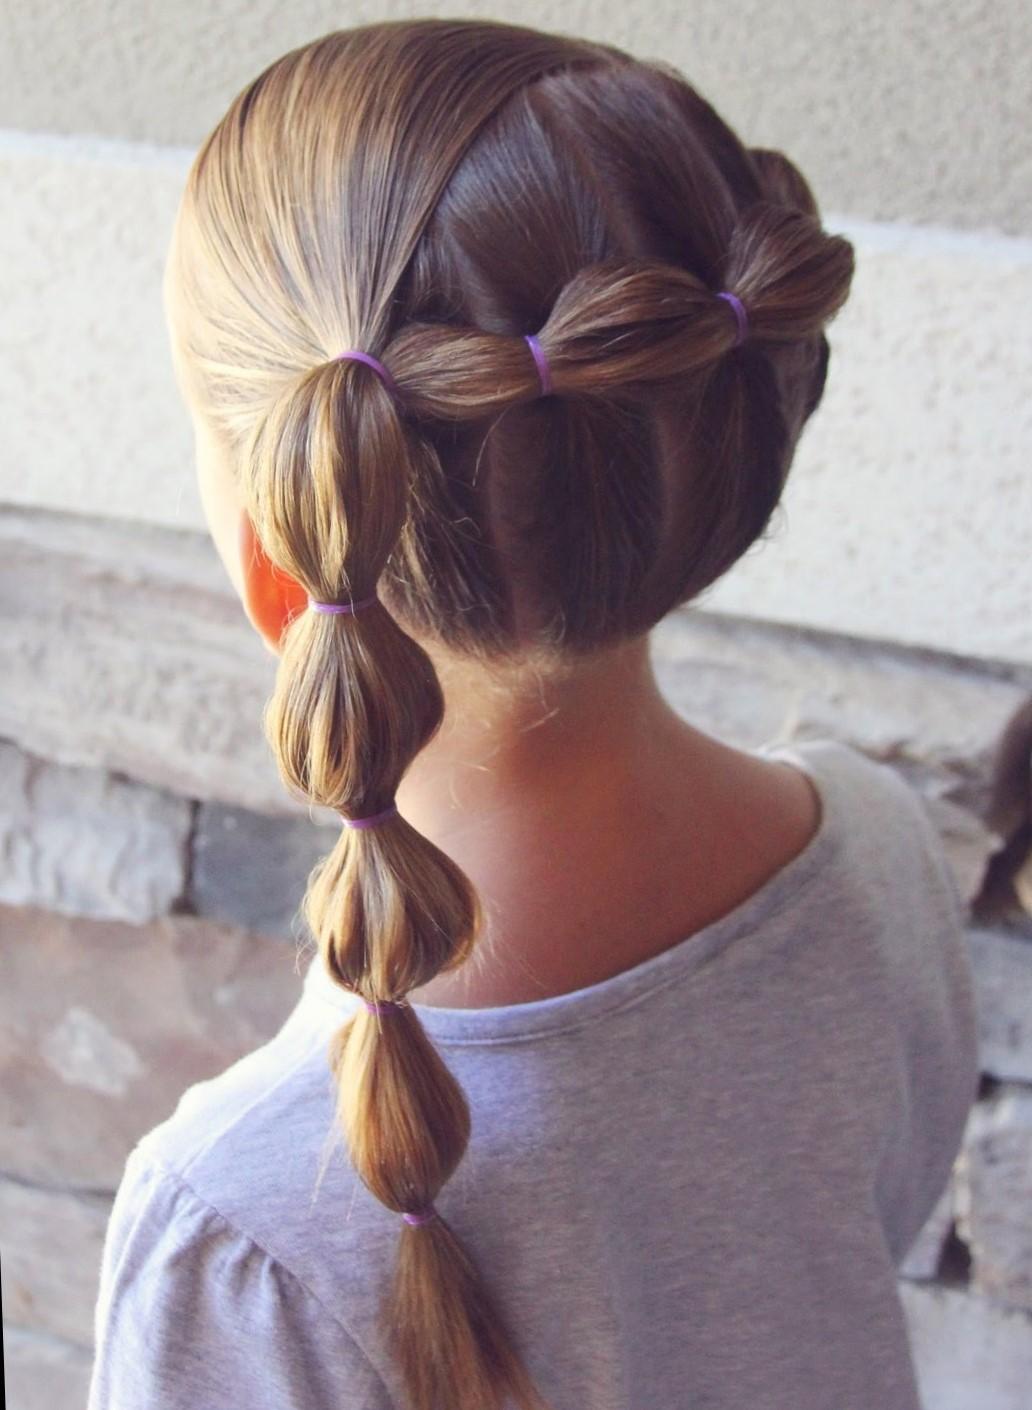 Прически на длинные волосы своими руками пошаговое фото для девочек фото 93